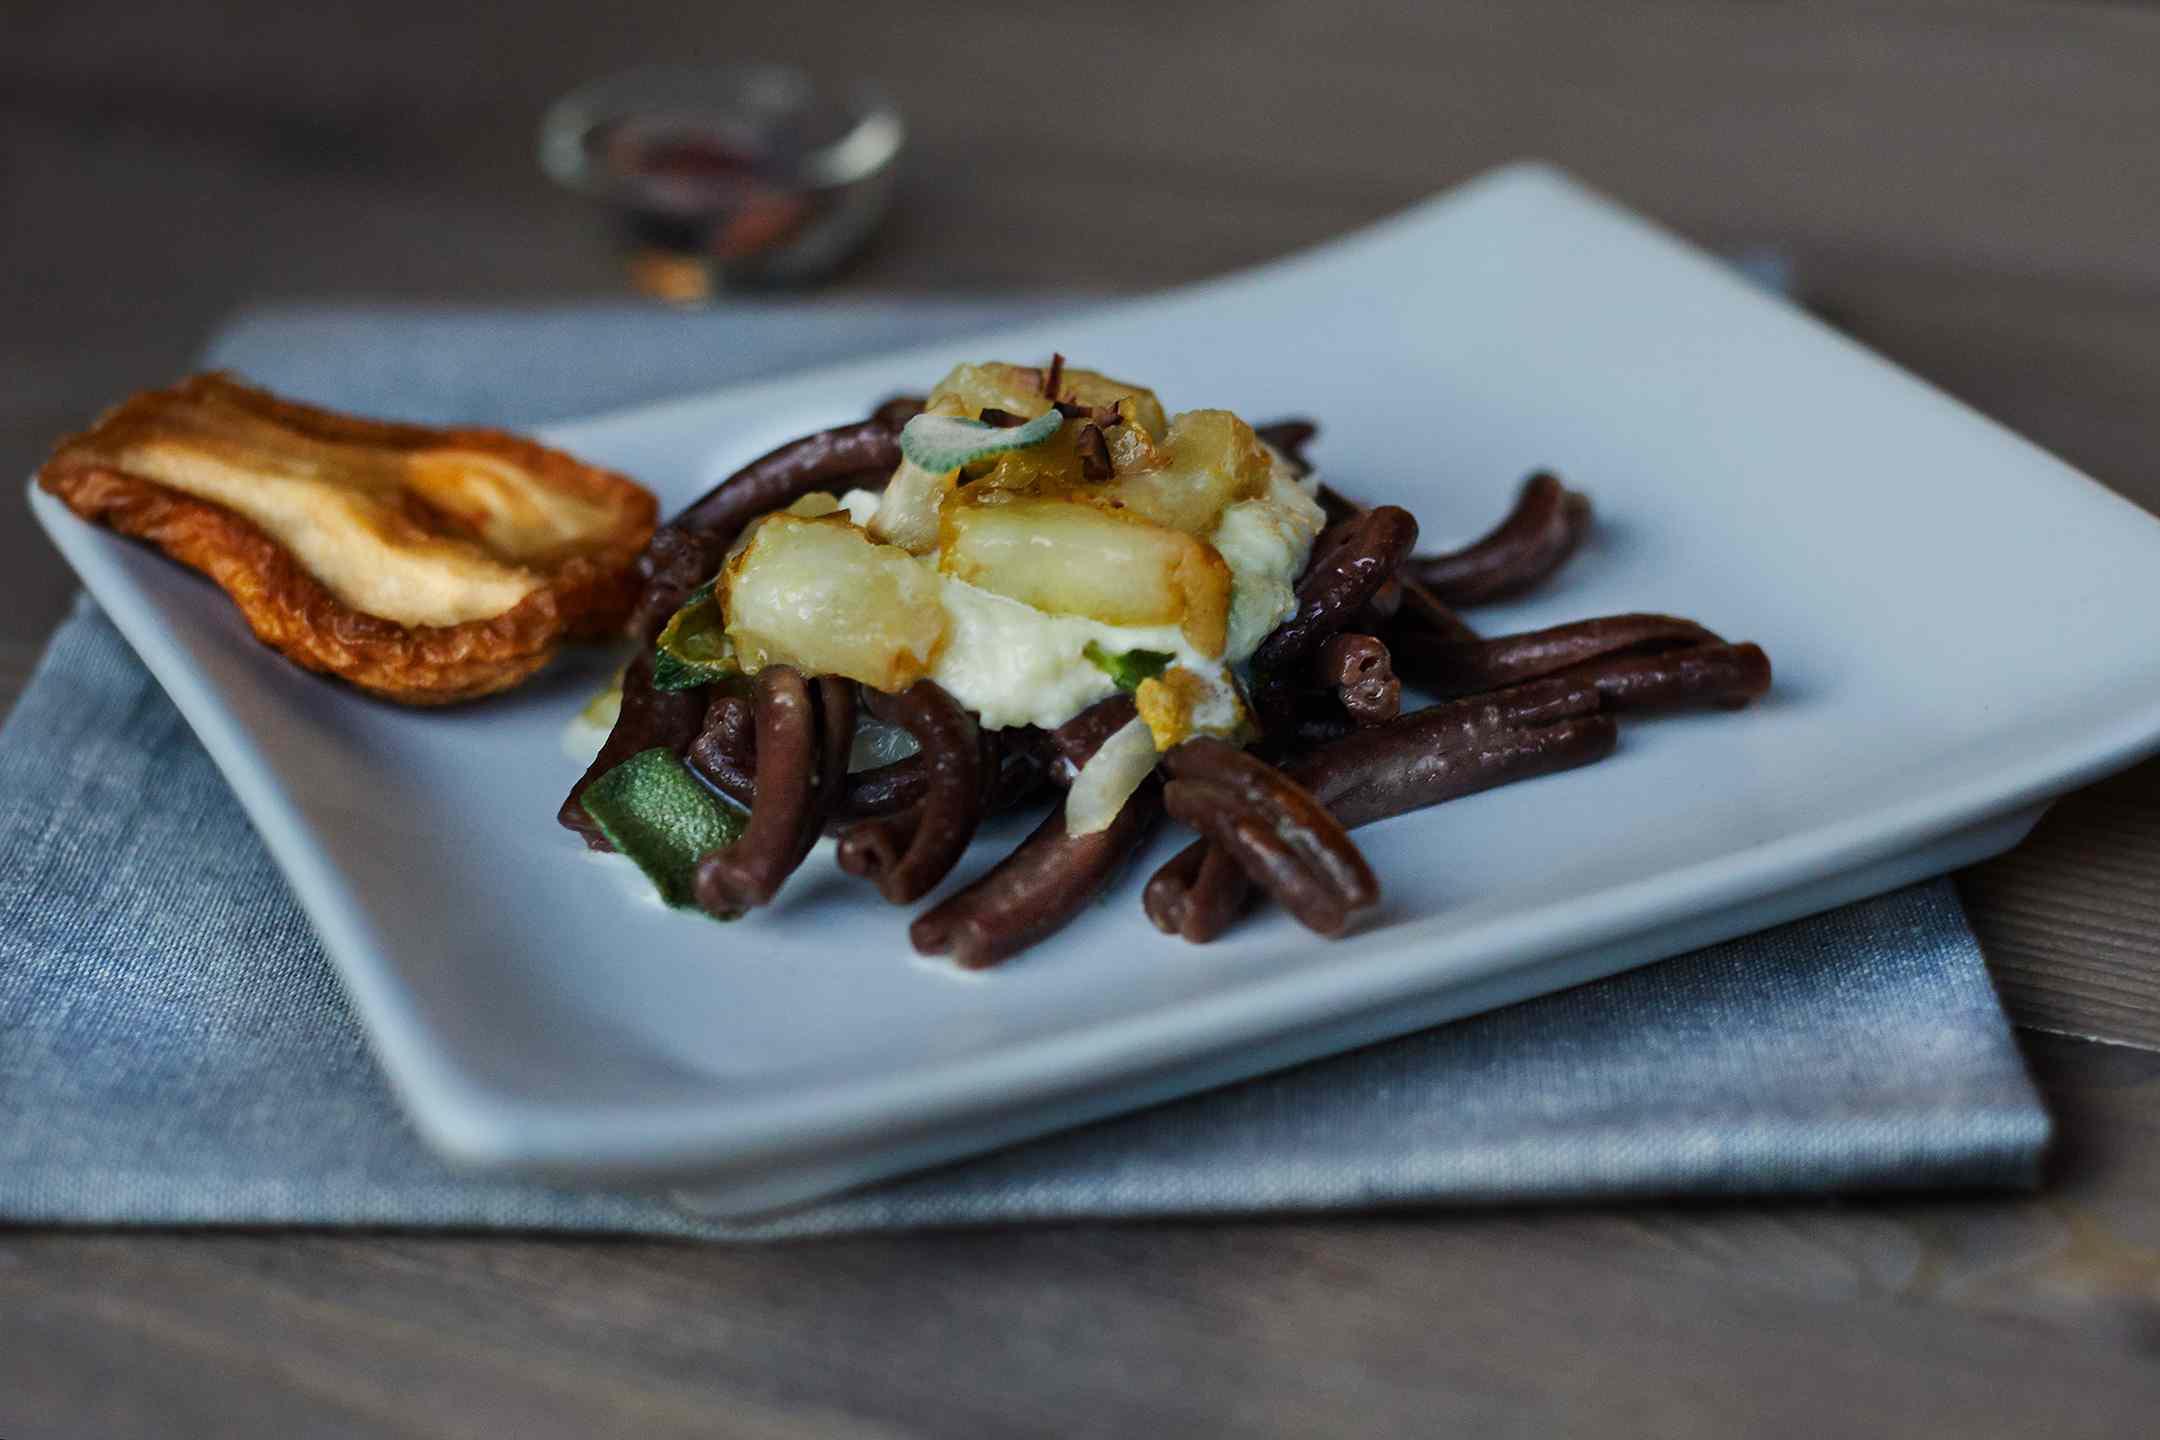 Ricetta: strozzapreti al cacao, pere e fonduta